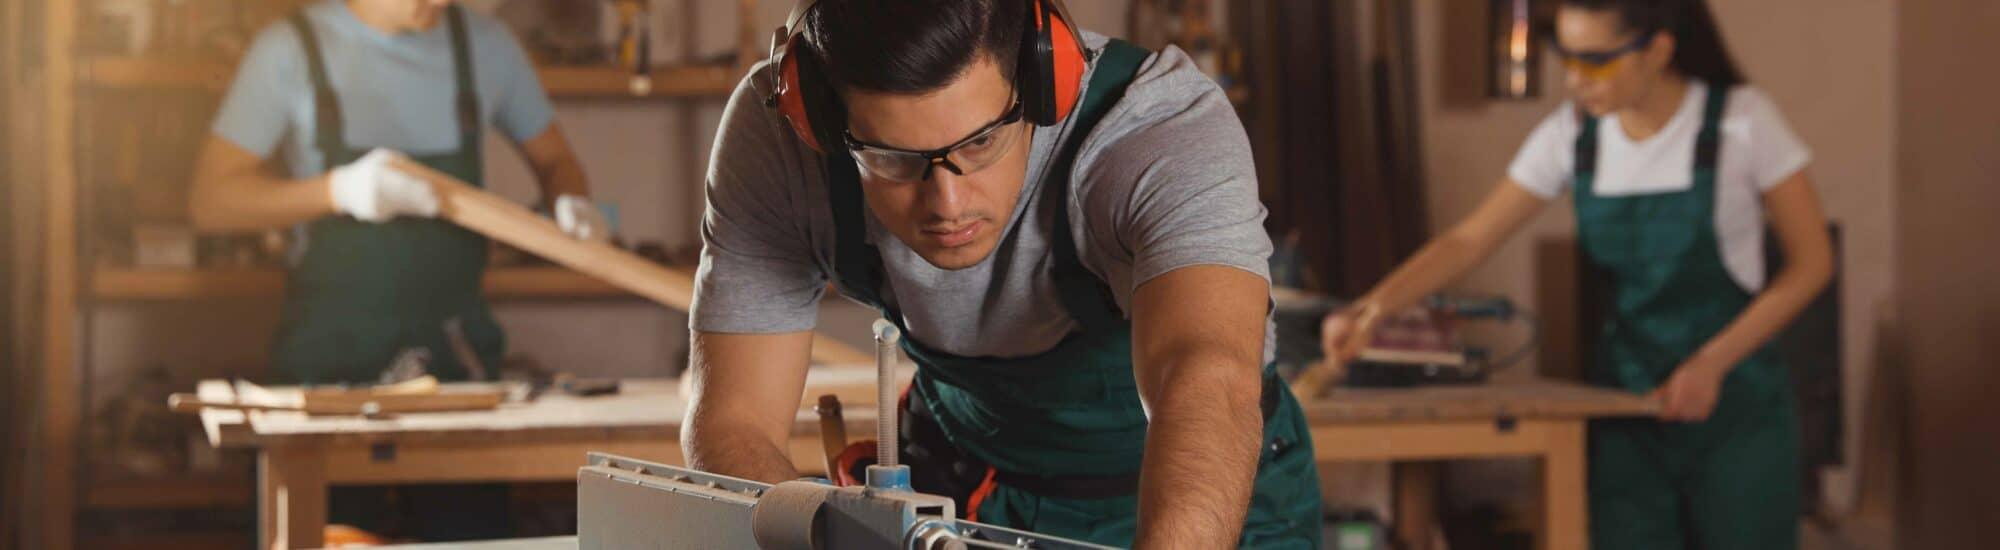 Möbelbranche im Wandel: Nachhaltigkeit erobert die eigenen vier Wände